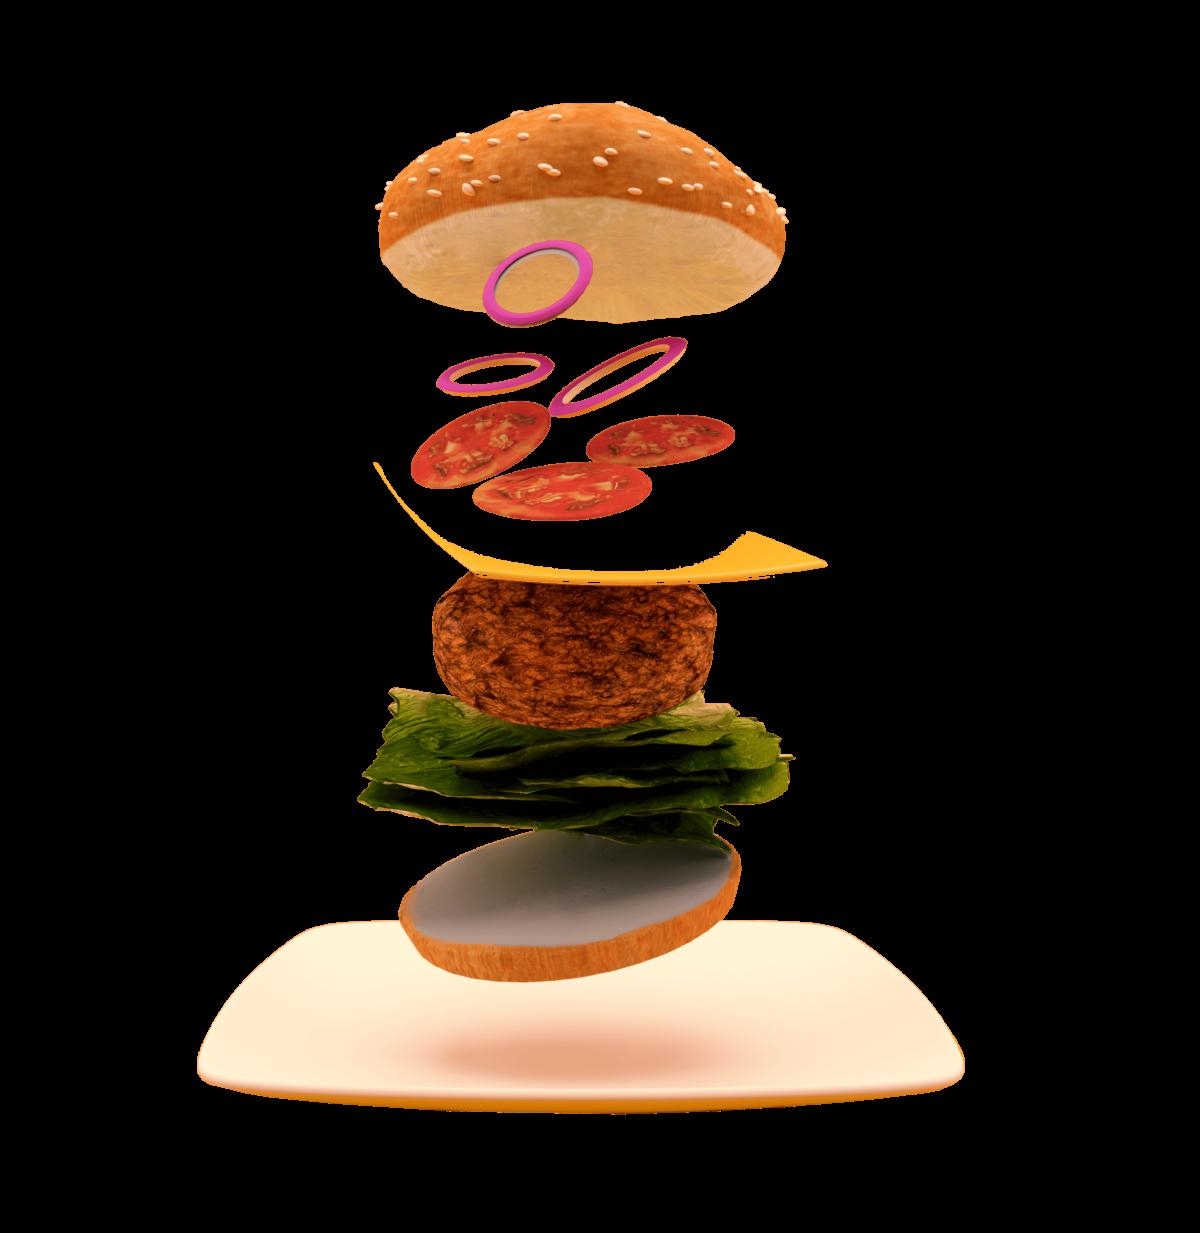 מגוון תפריטים ואוכל איכותי